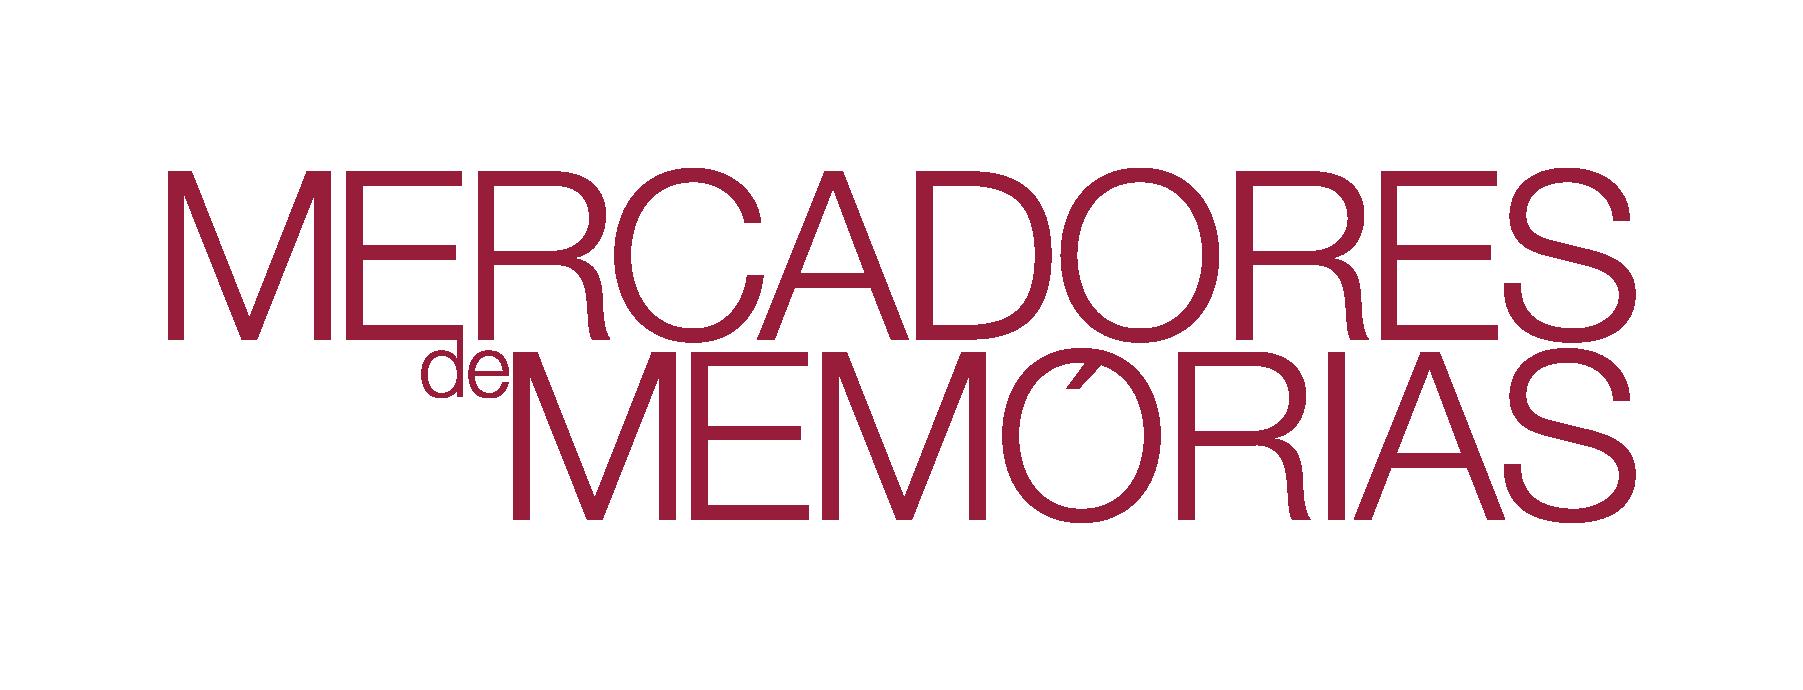 Mercadores de Memórias